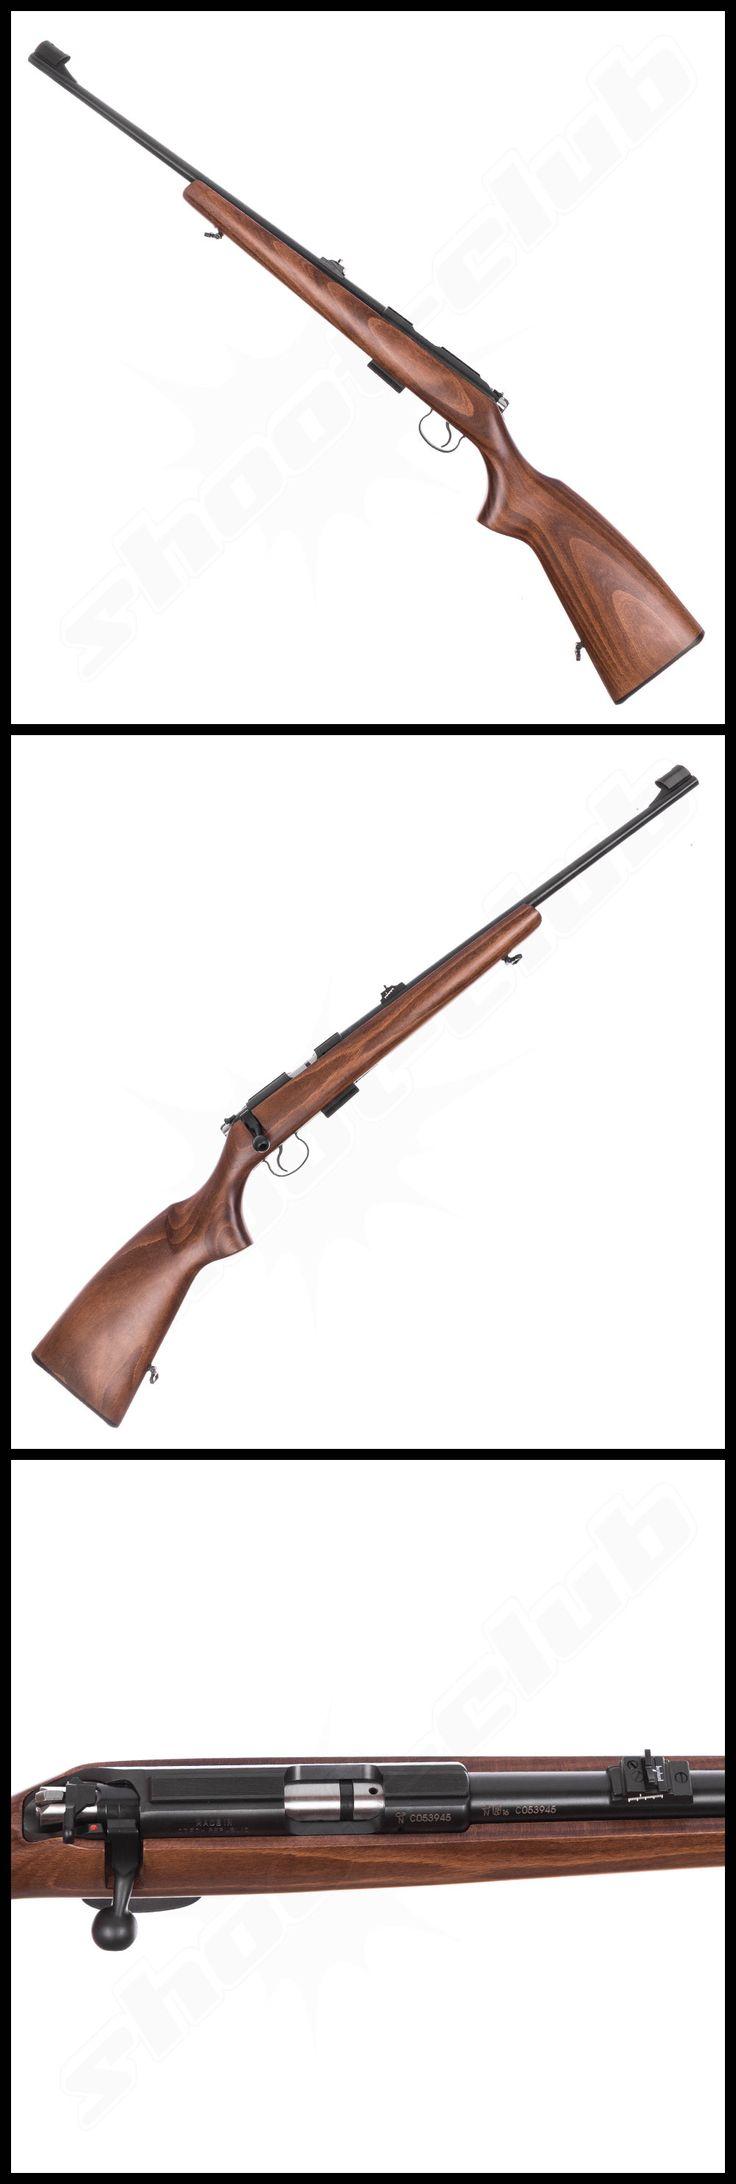 CZ 455 Standard Kaliber .22 WMR    - weitere Informationen und Produkte findet Ihr auf www.shoot-club.de -    #shootclub  #guns